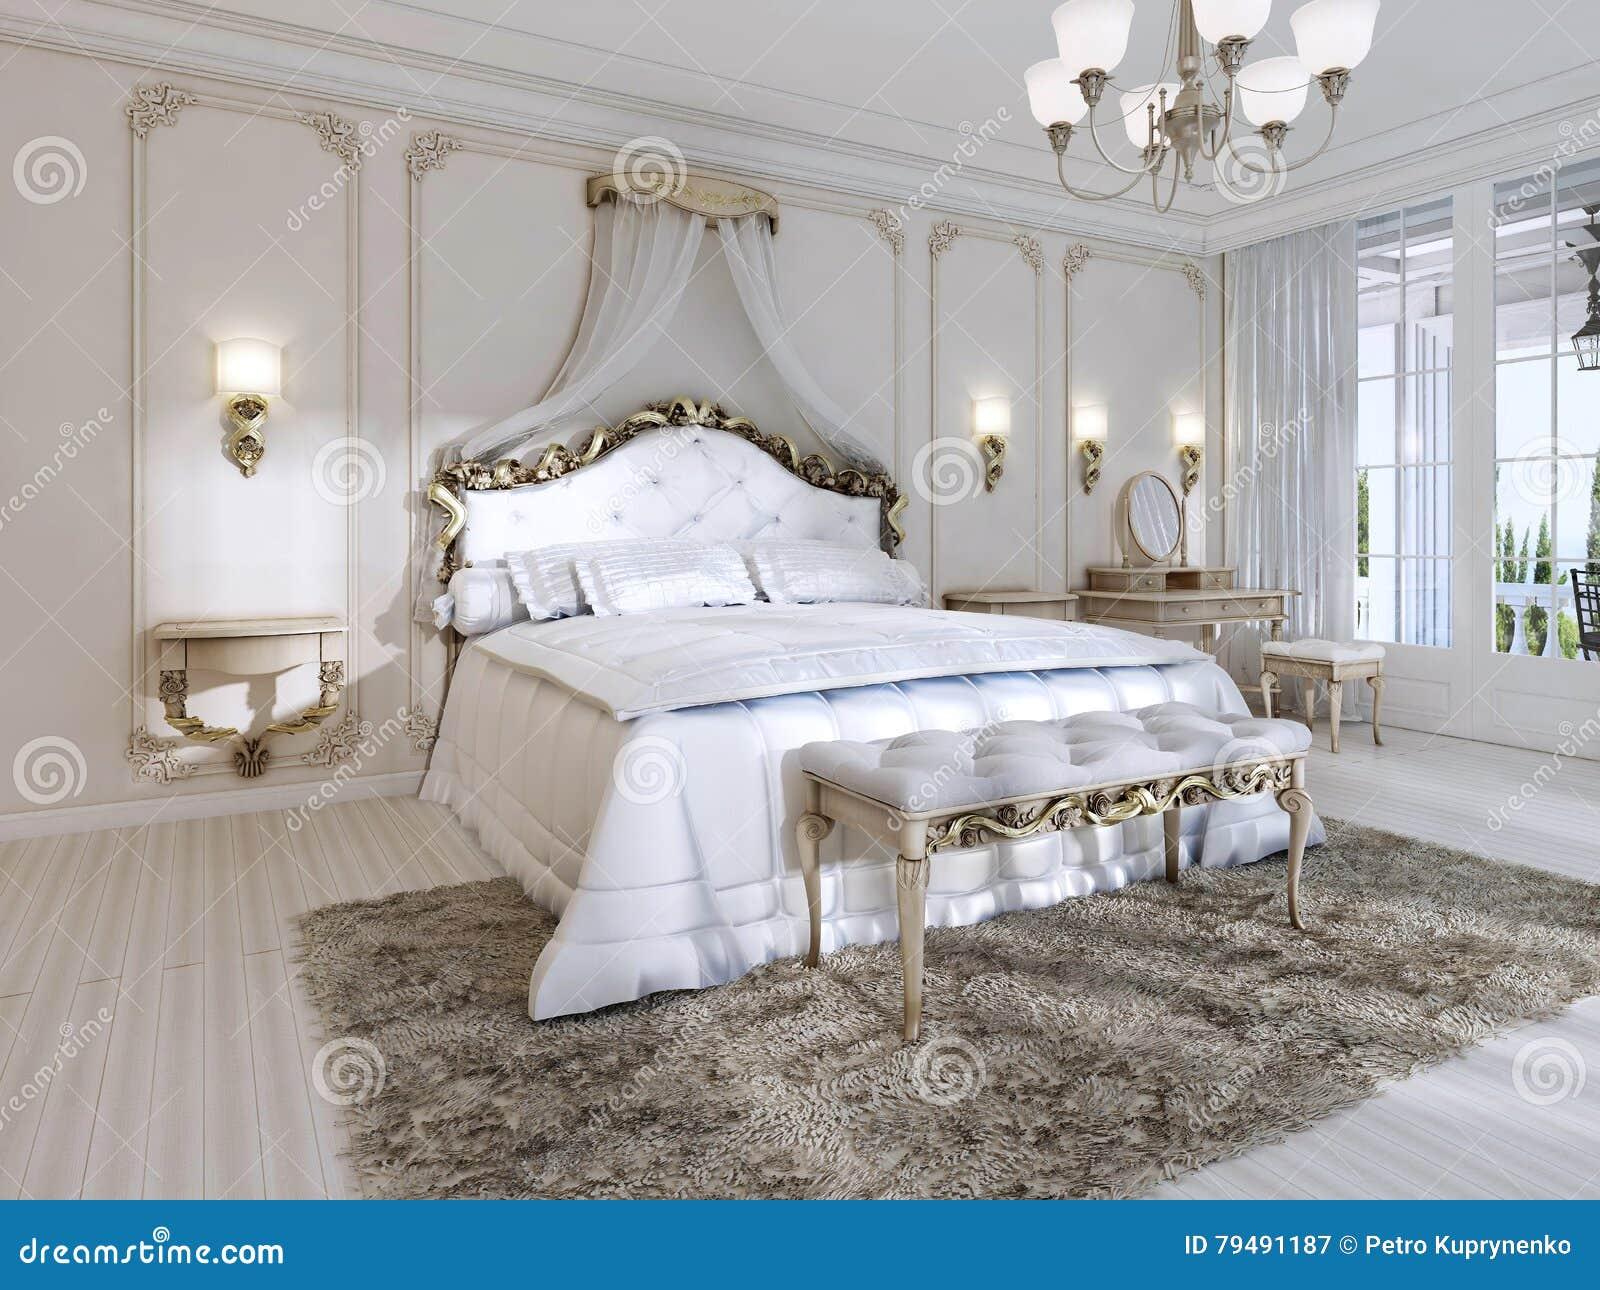 Schon Download Luxuriöses Schlafzimmer In Den Weißen Farben In Einer Klassischen  Art Stock Abbildung   Illustration Von